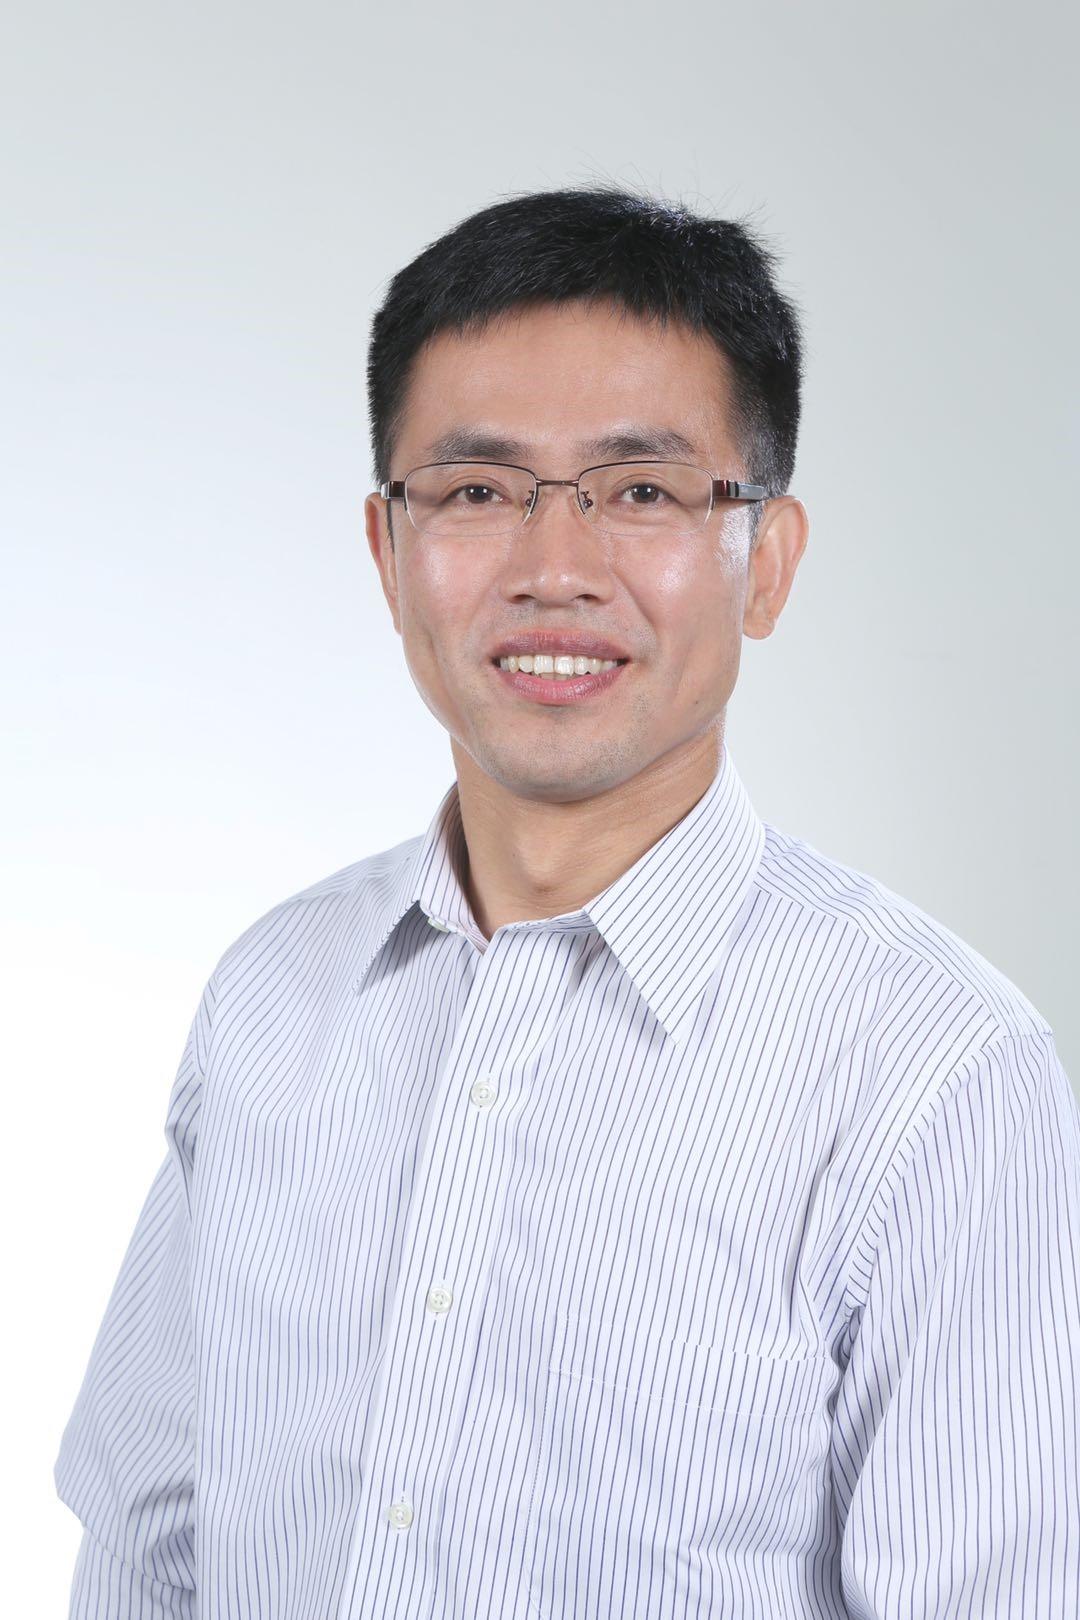 有孚网络华北总经理、北京市通信行业协会副理事长商彦强博士